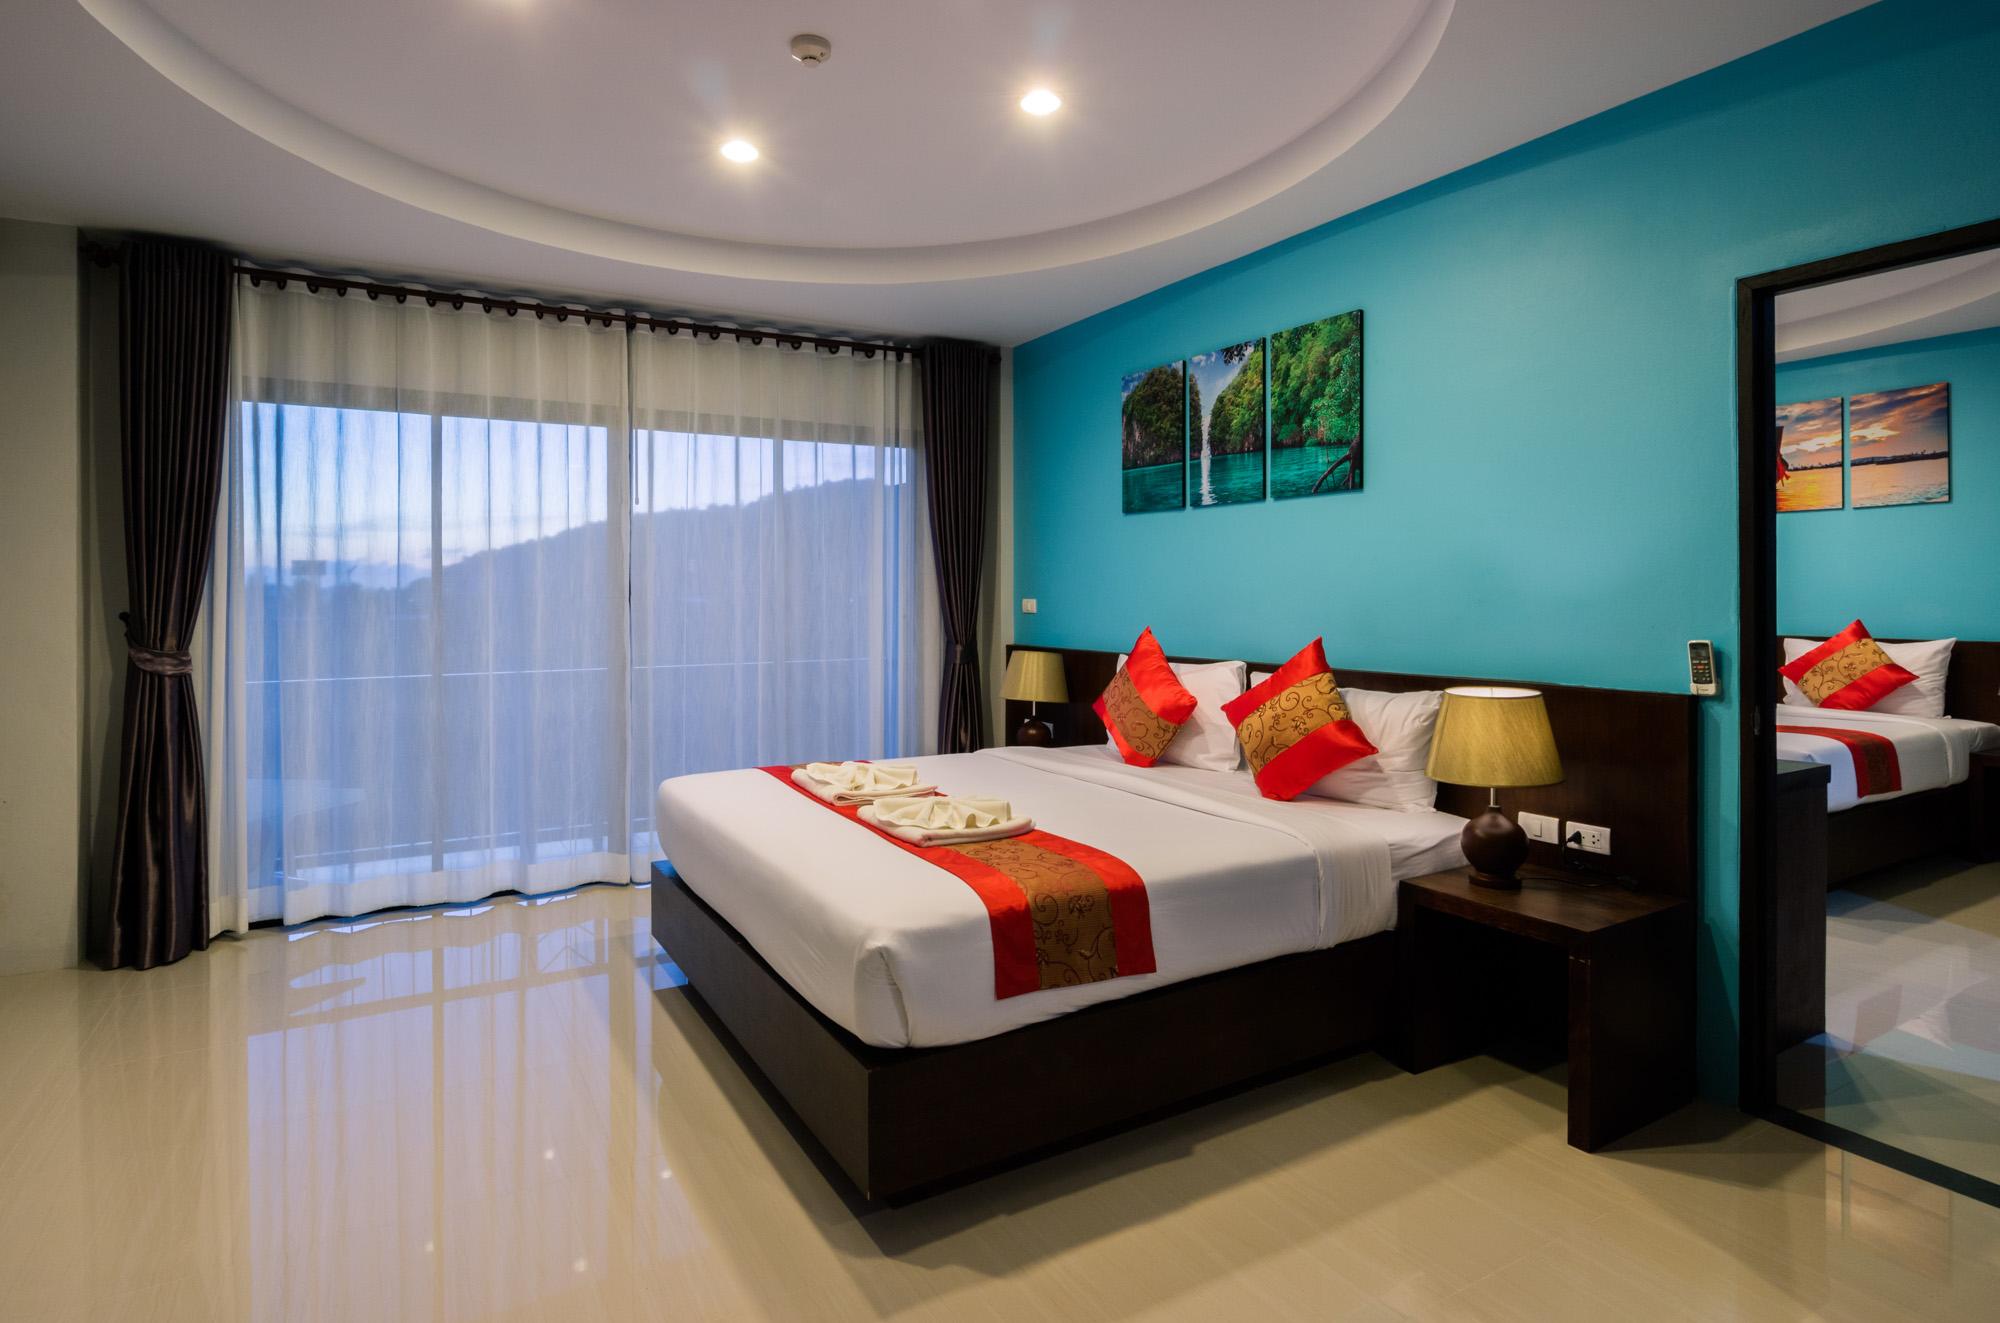 อันดามัน เพิร์ล รีสอร์ต (Andaman Pearl Resort)  อันดามันเพิร์ล รีสอร์ท Andaman Pearl Resort Aonang IMG 4981